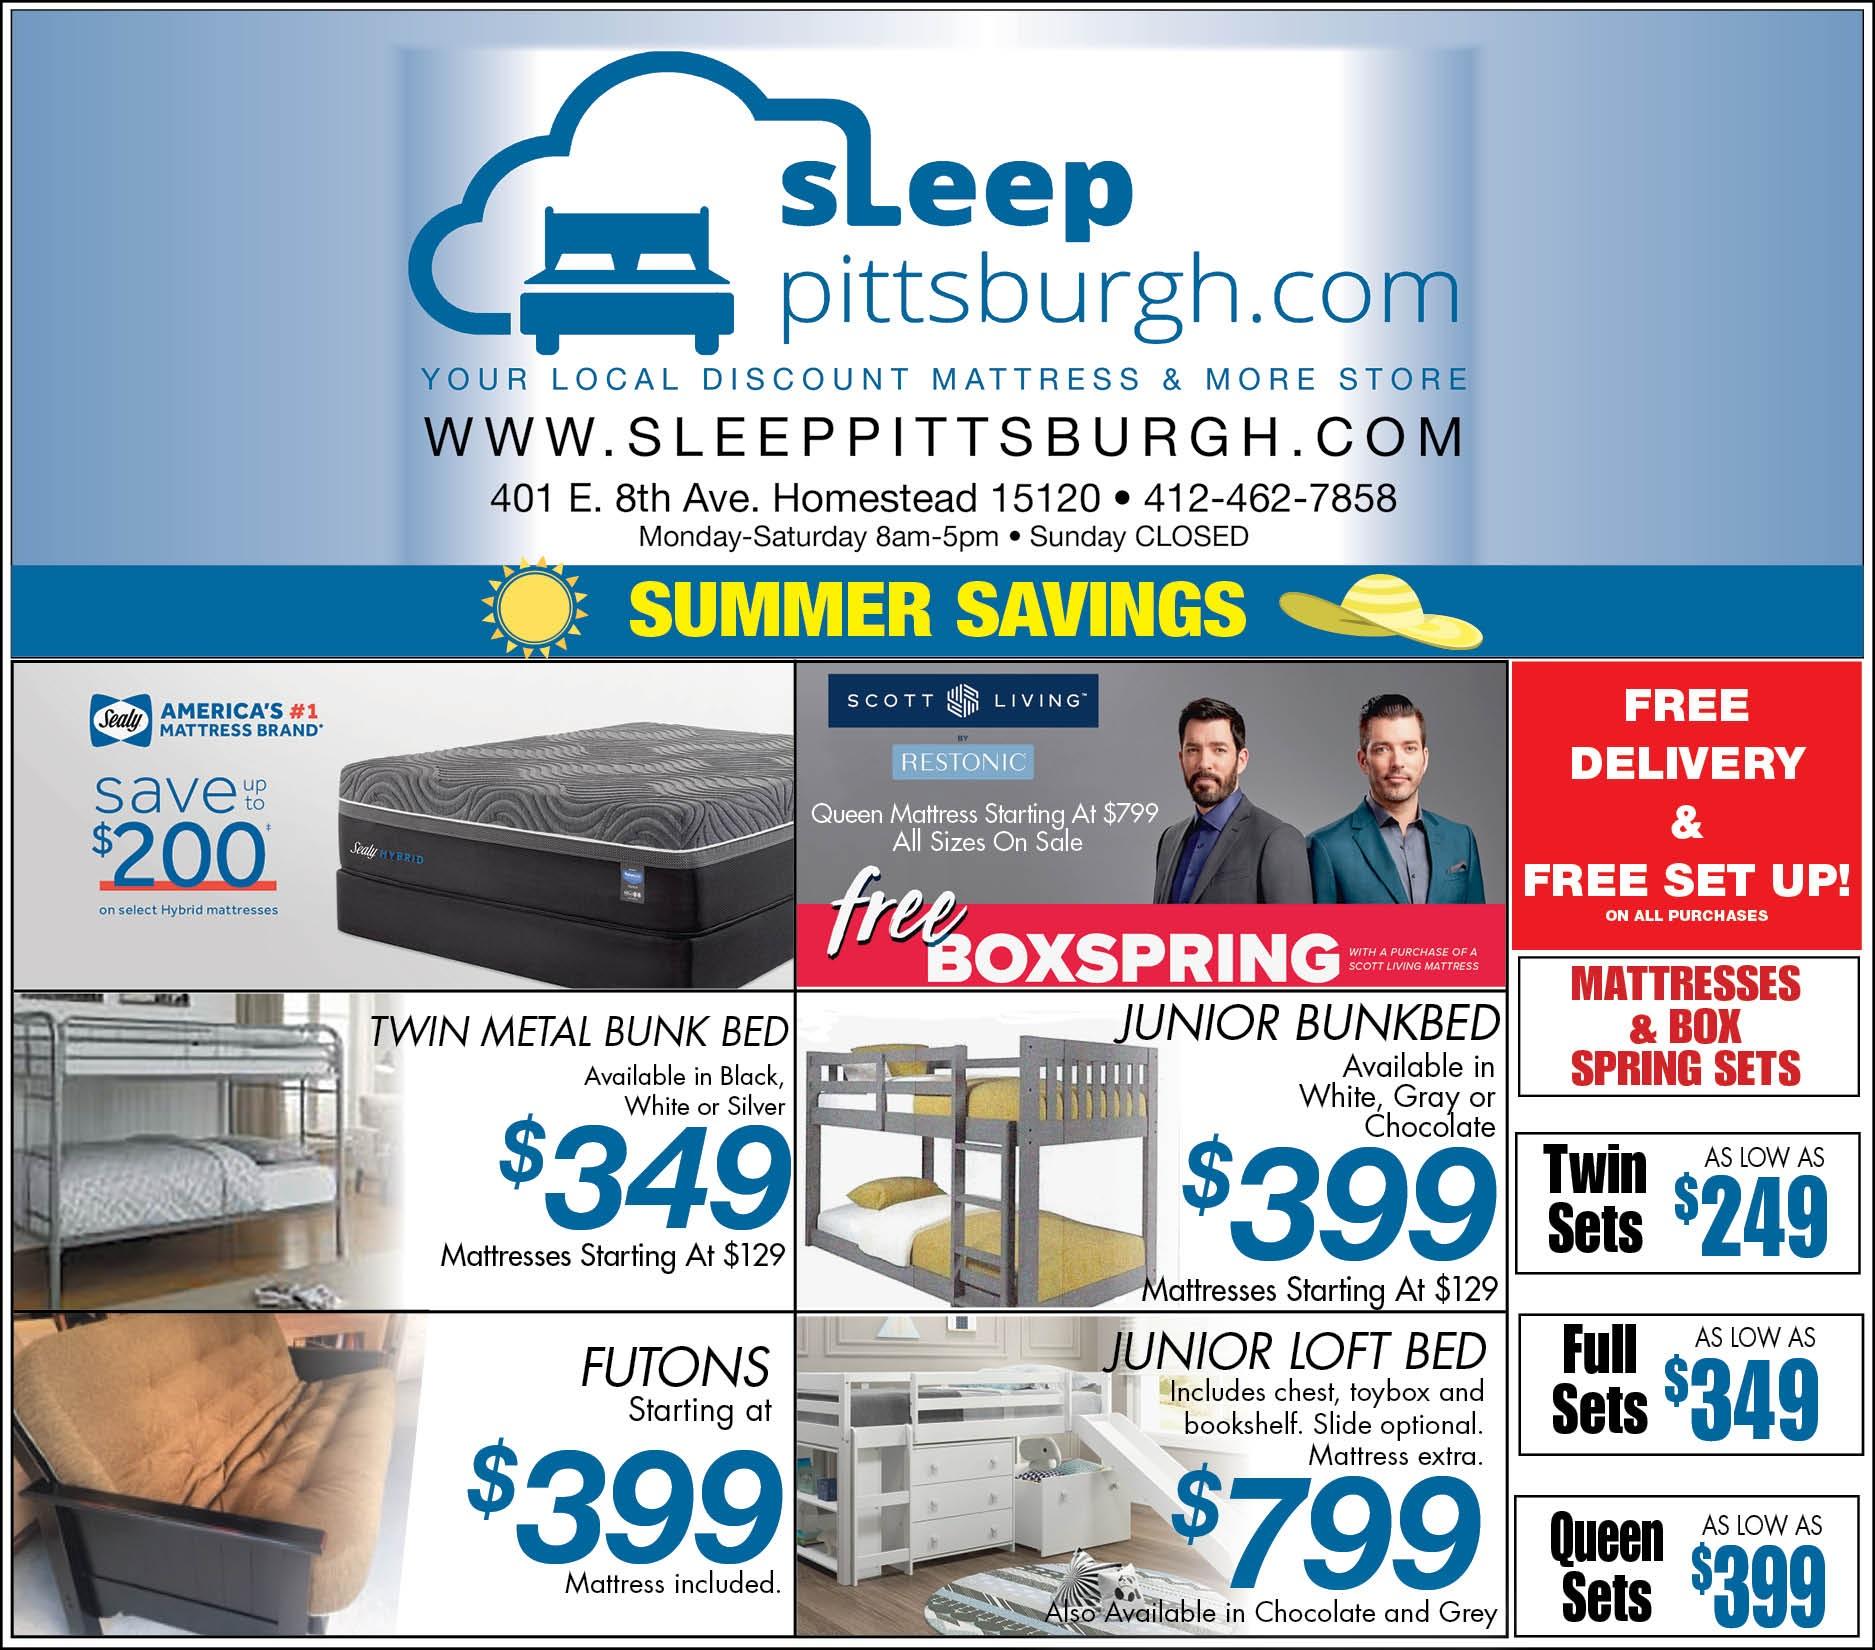 july 4 mattress sale 2021